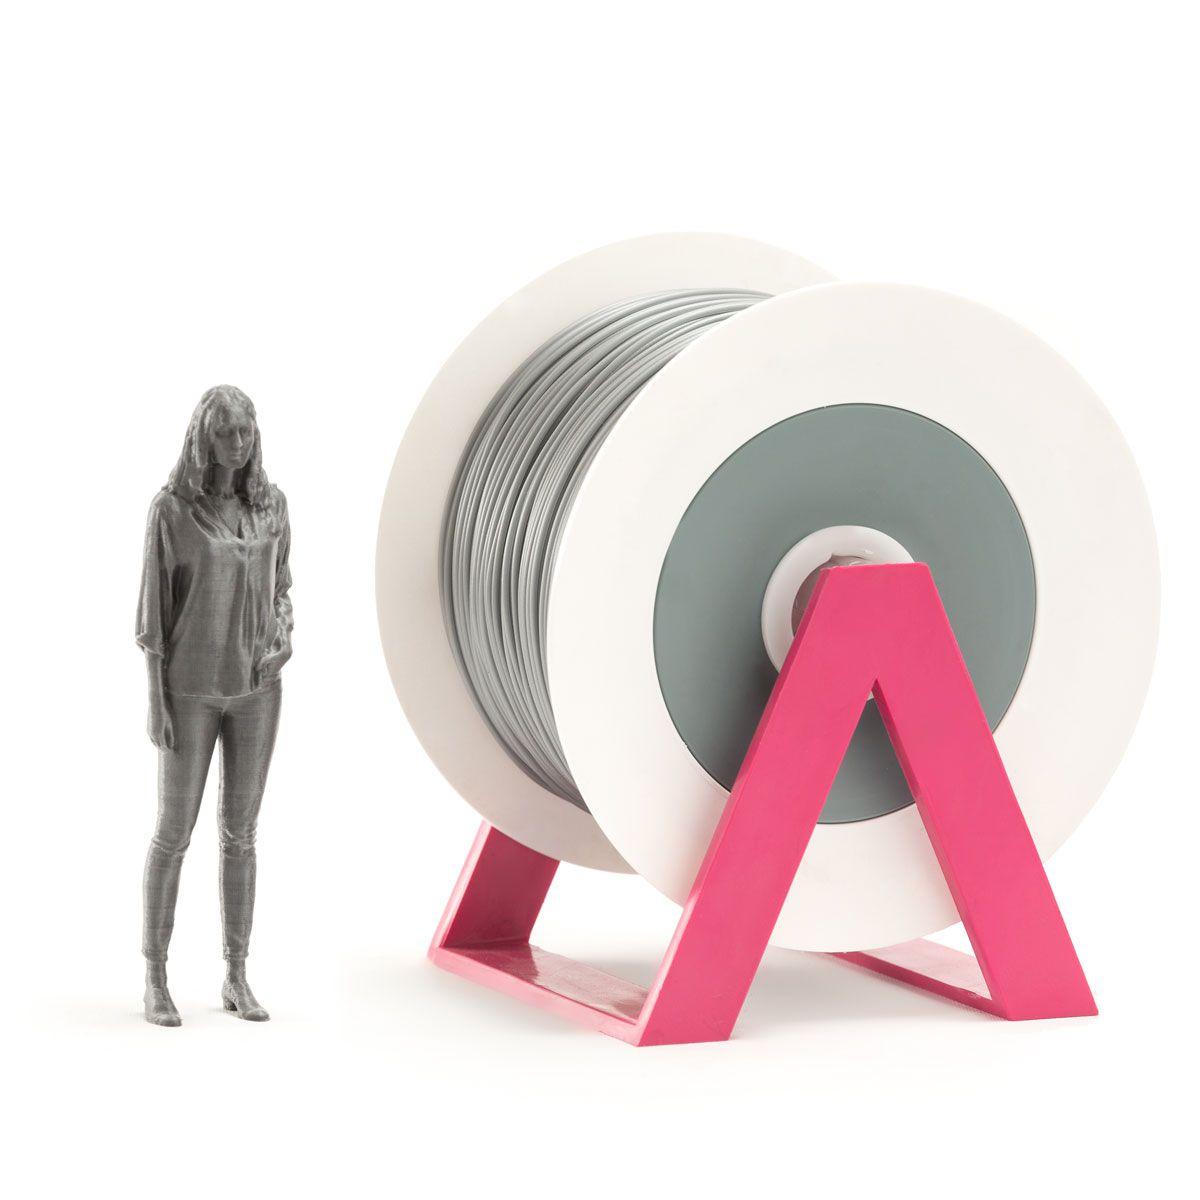 PLA Filament   Color: Silver Gray